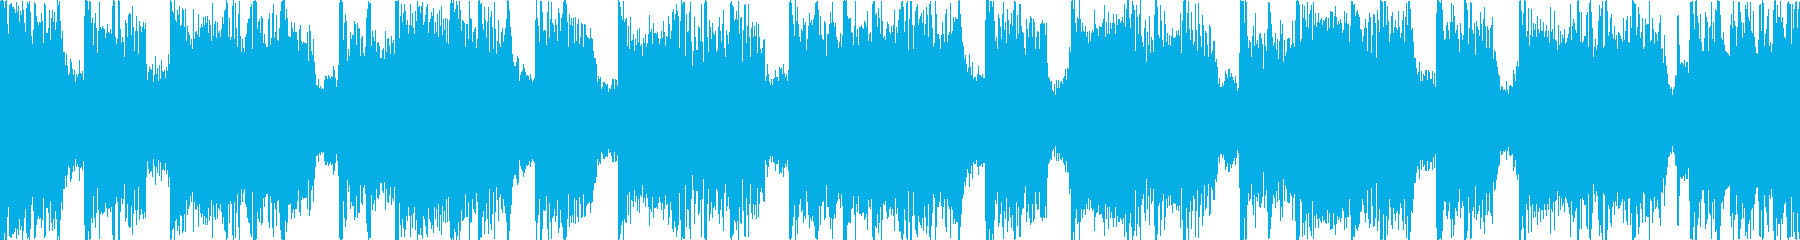 緊迫した重めのロック Cパートループの再生済みの波形